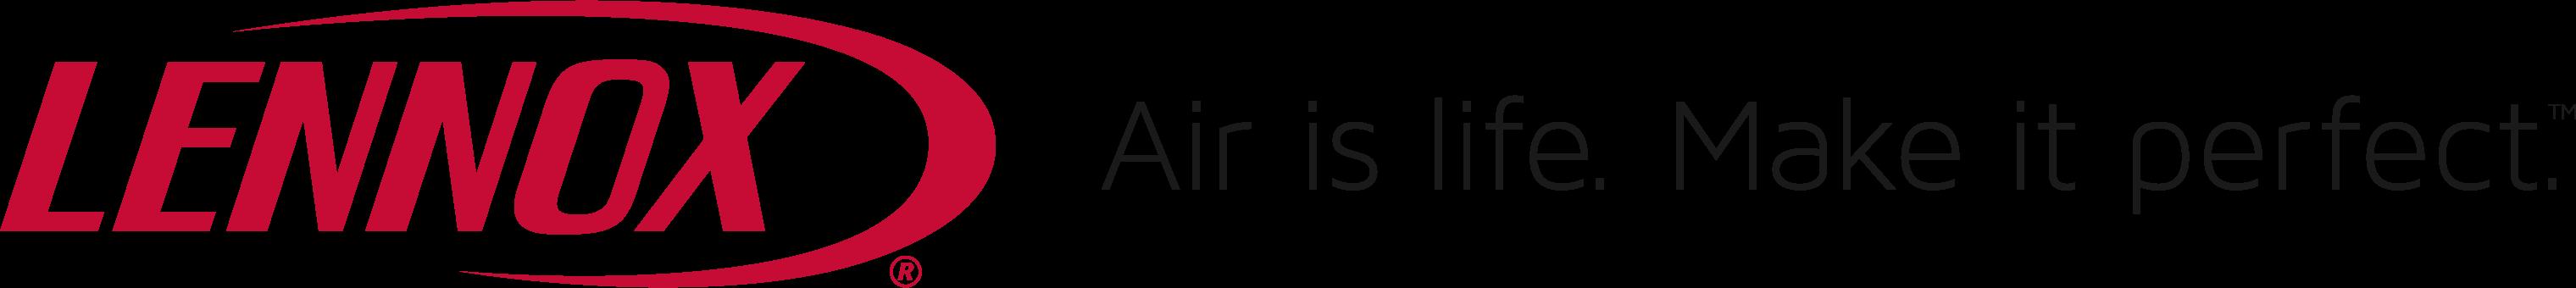 Lennox_AirIsLife_logo_1_line_RGB